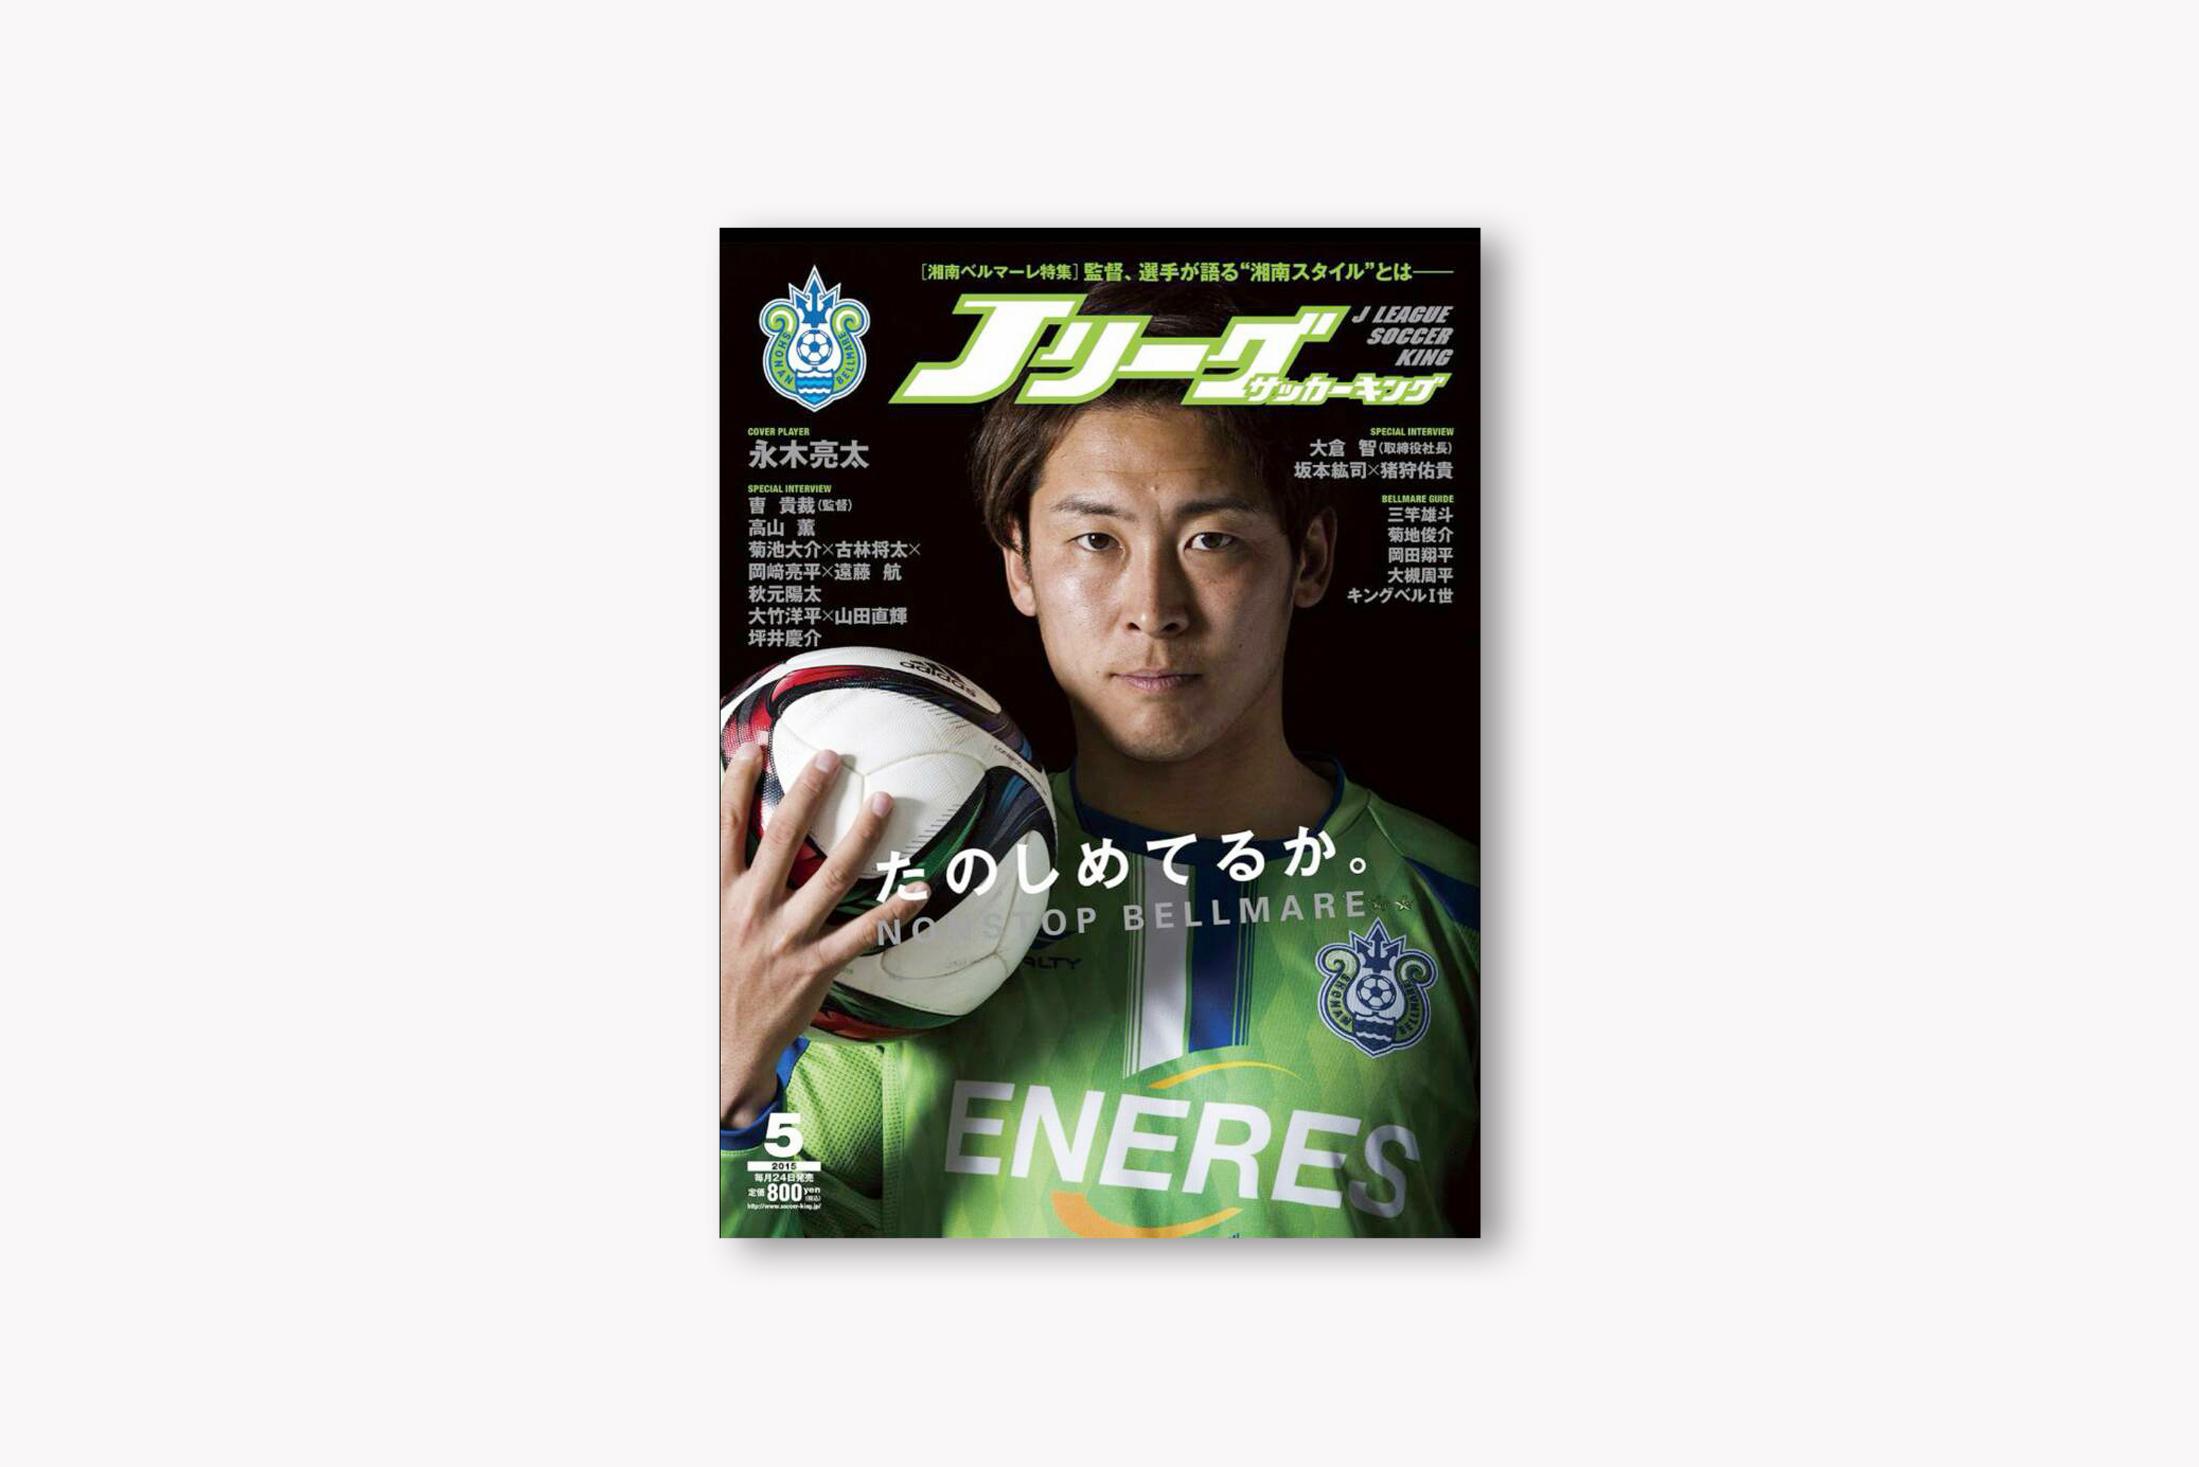 『Jリーグサッカーキング』湘南ベルマーレ特集「たのしめてるか。」